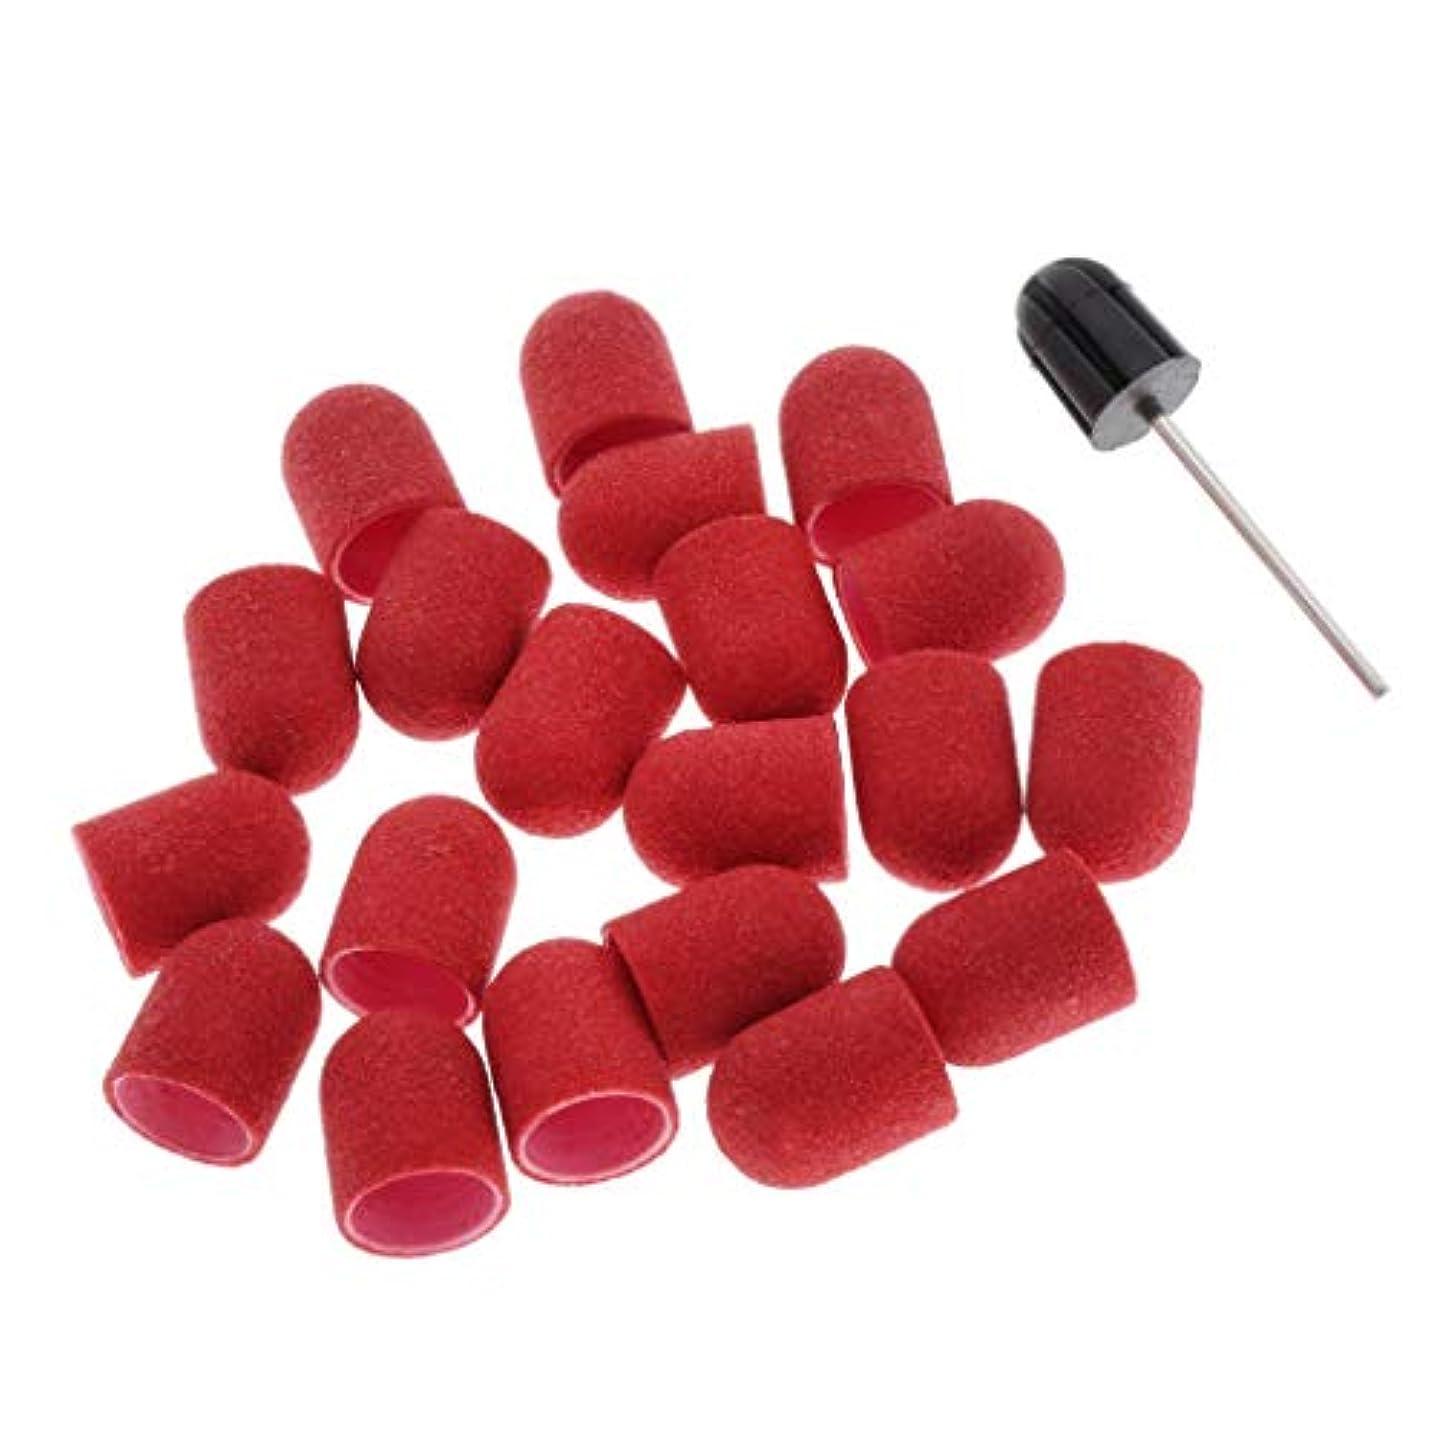 作業典型的な蛇行Toygogo ネイルアート ネイルドリルサンディングキャップ サンディングバンド ネイル 研磨用 全5カラー - 赤